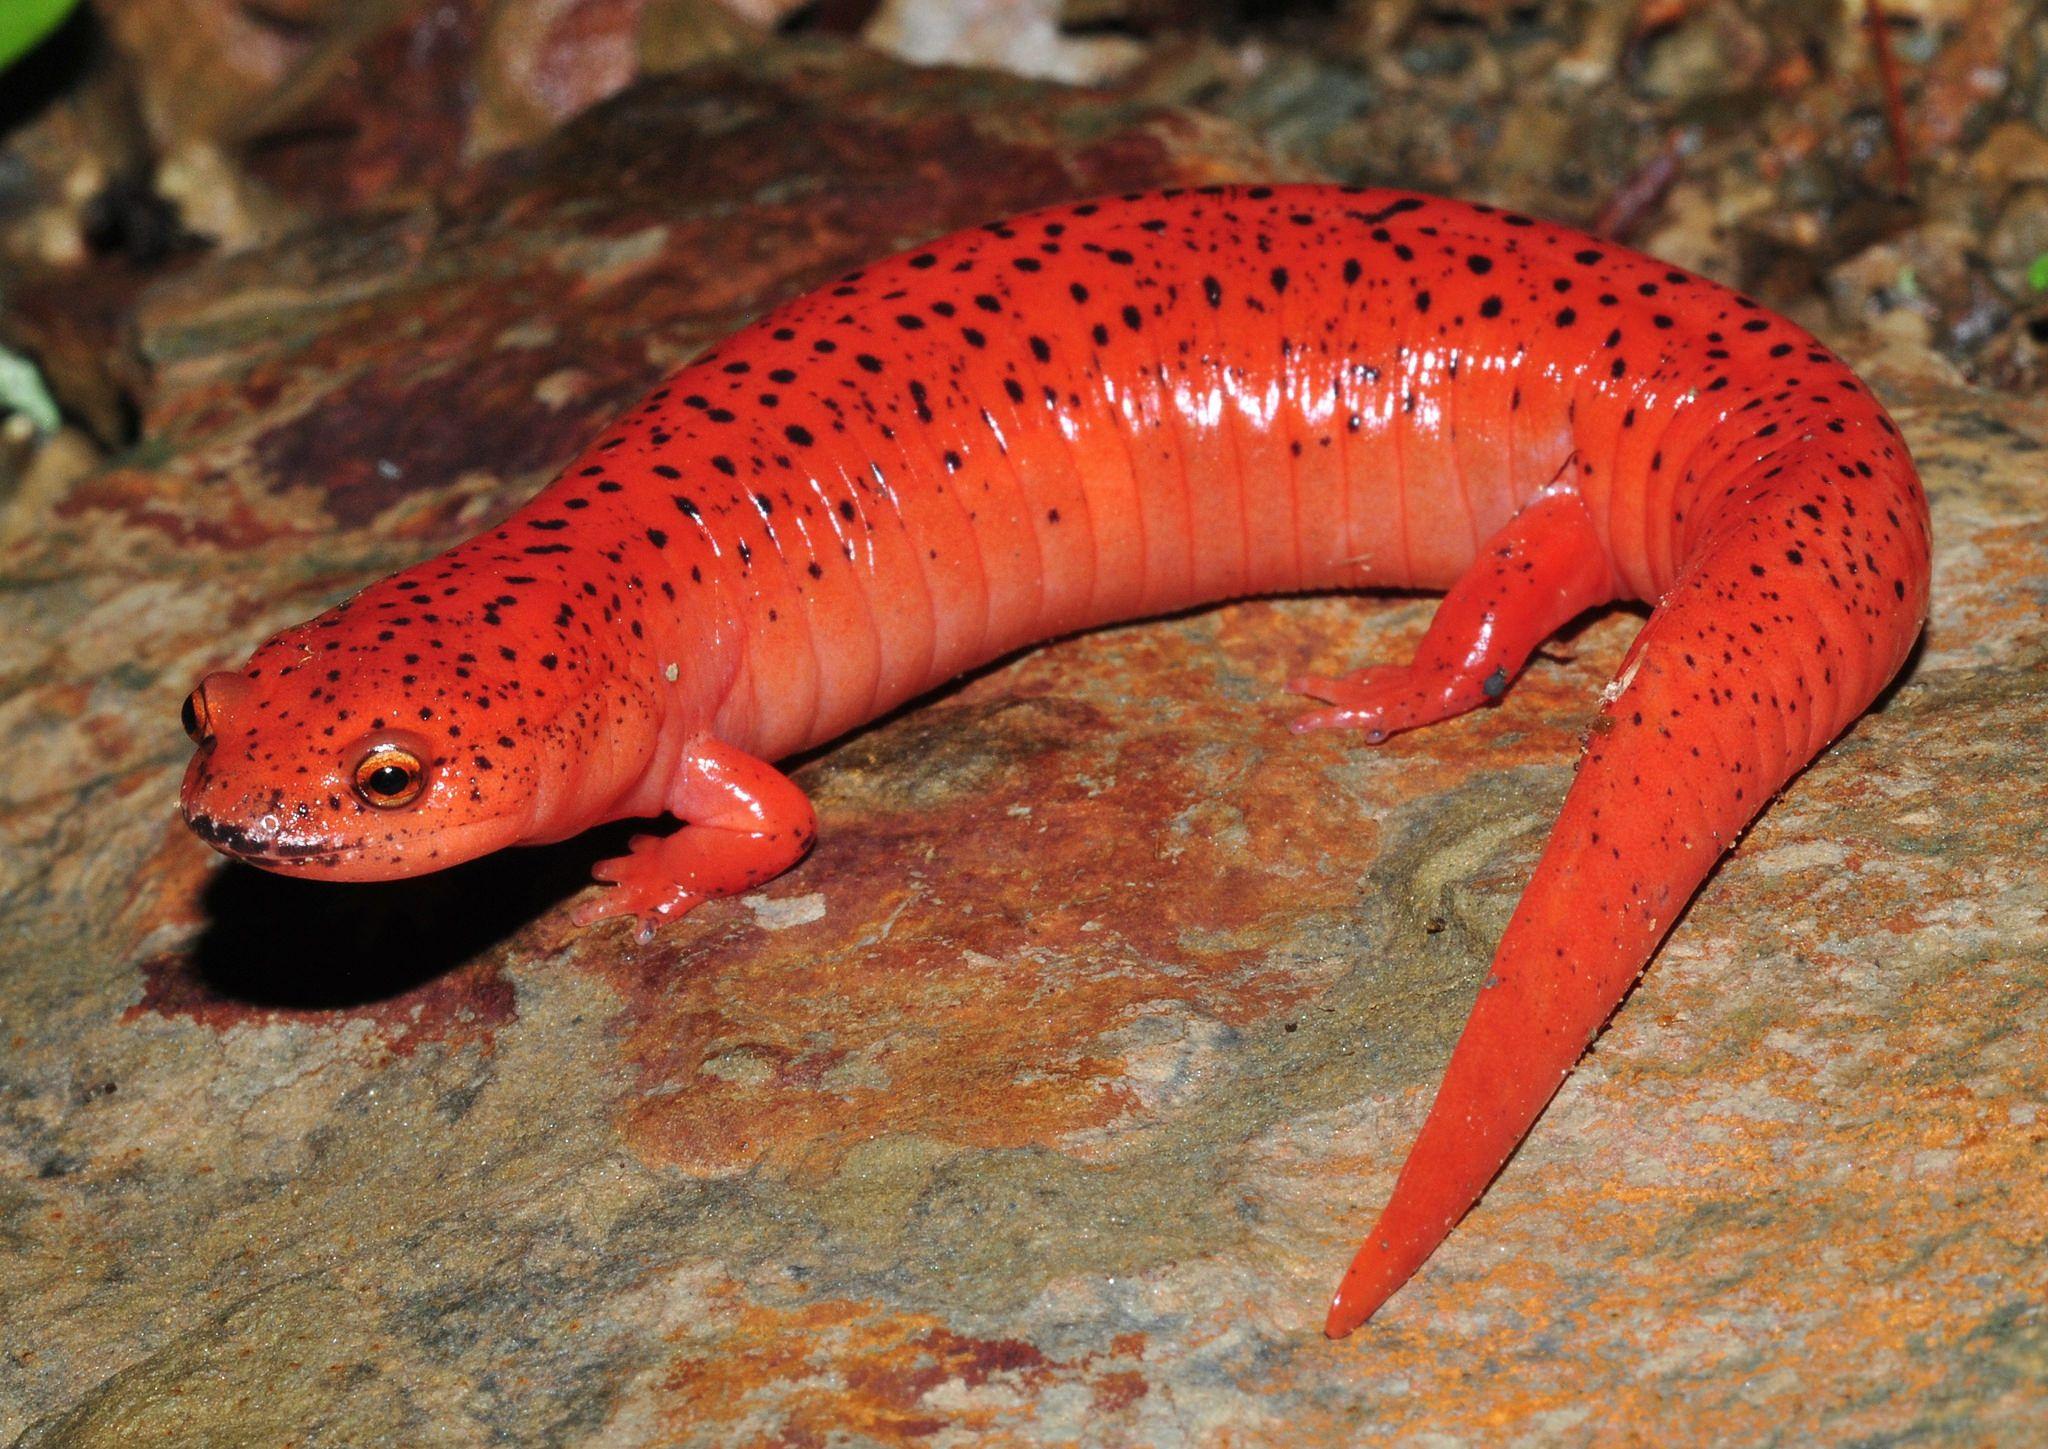 https://flic.kr/p/U6Gc35 | Blue Ridge Red Salamander - Pseudotriton ruber nitidus